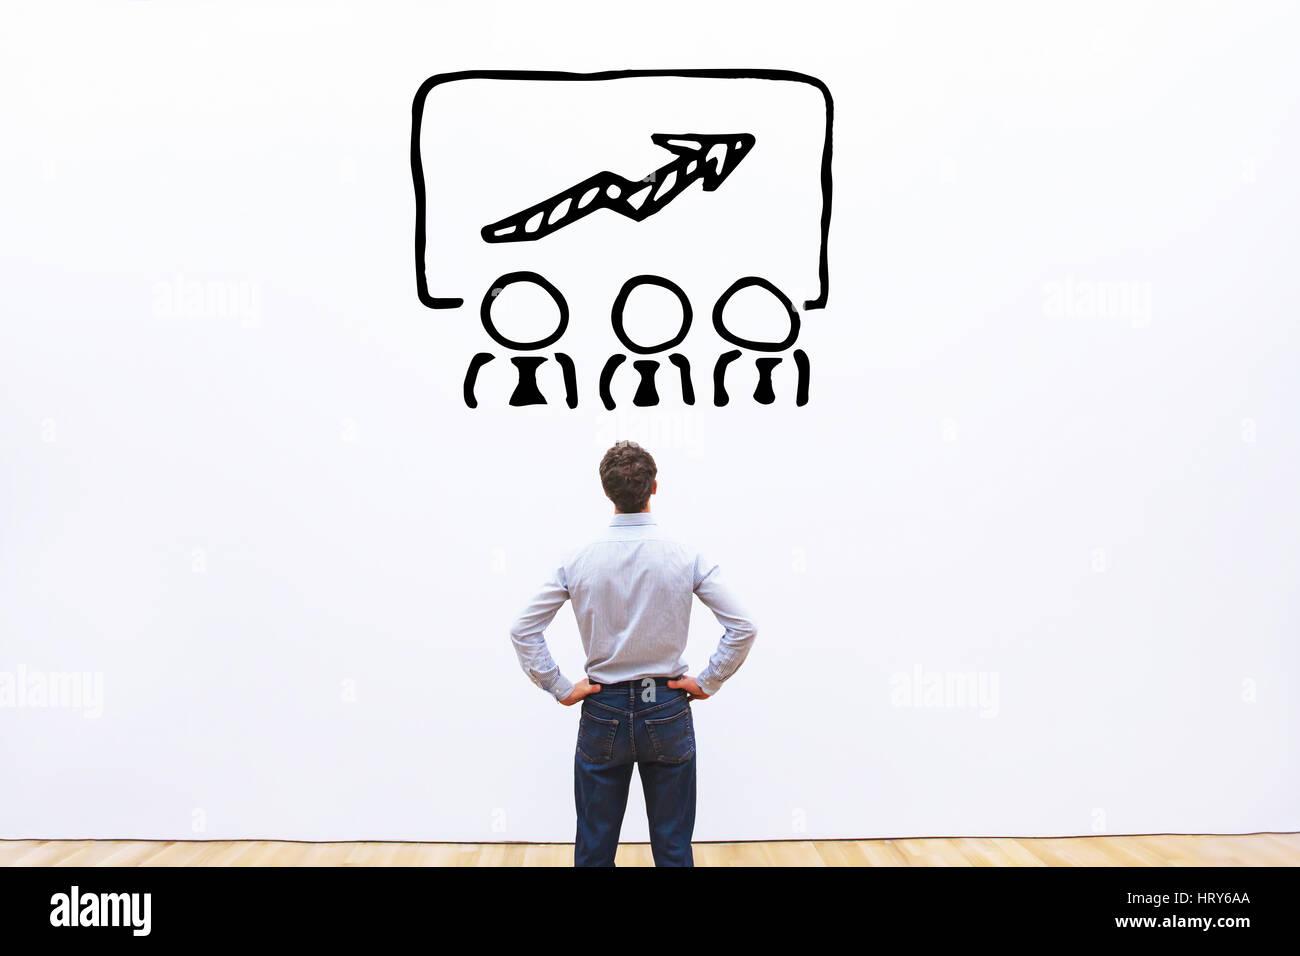 Concepto de capacitación empresarial, el programa de educación del empleado Imagen De Stock